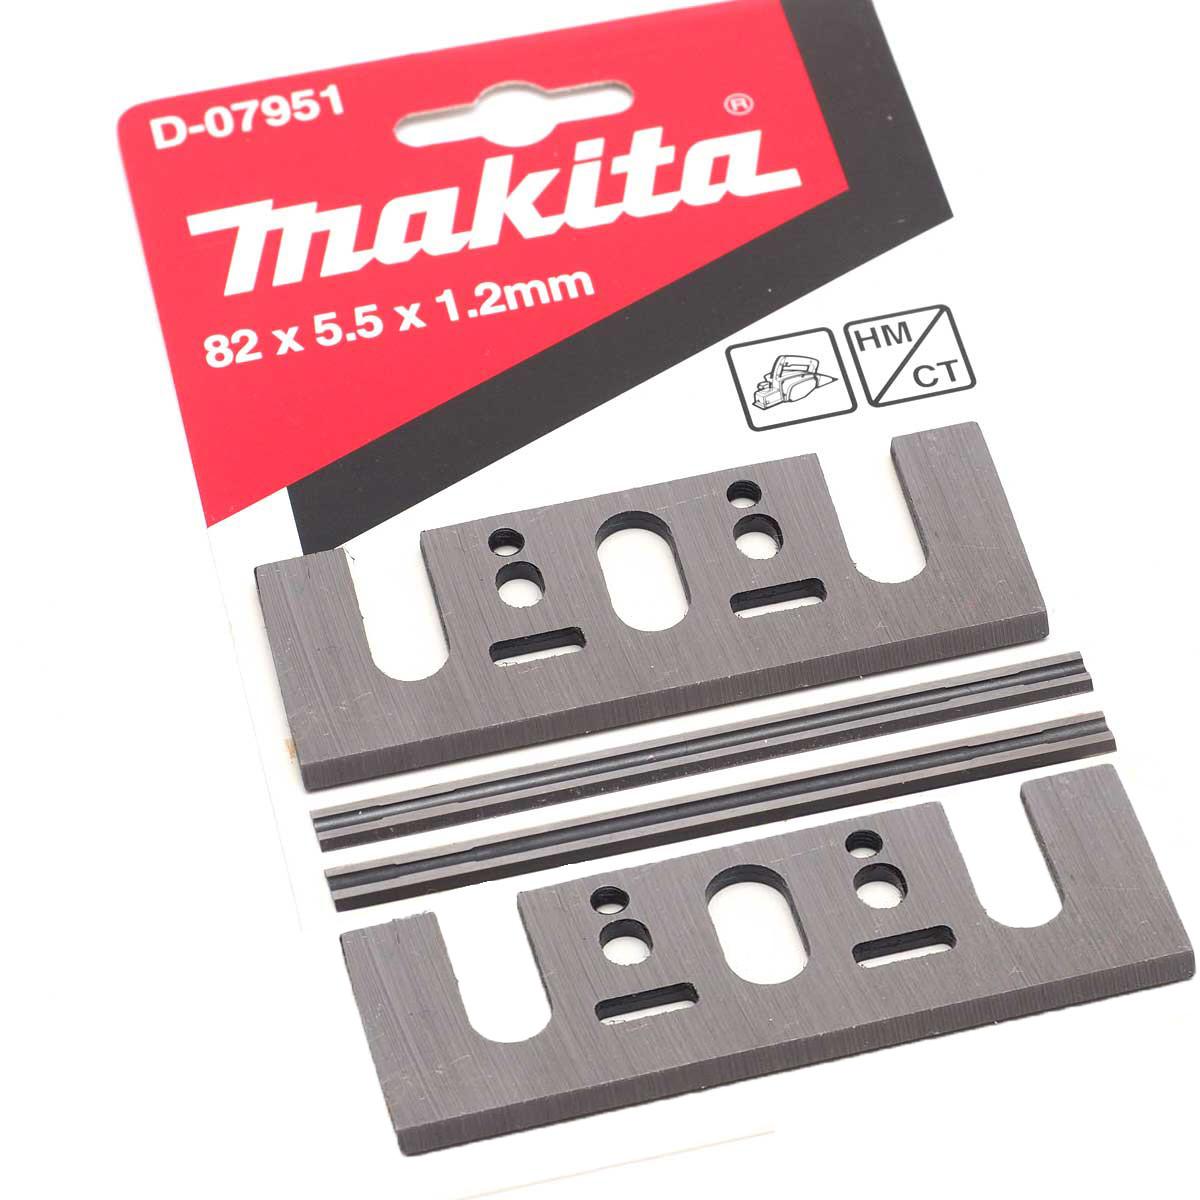 Набор строгальных мини ножей Makita  HM 82 мм (4 шт.) (D-07951)